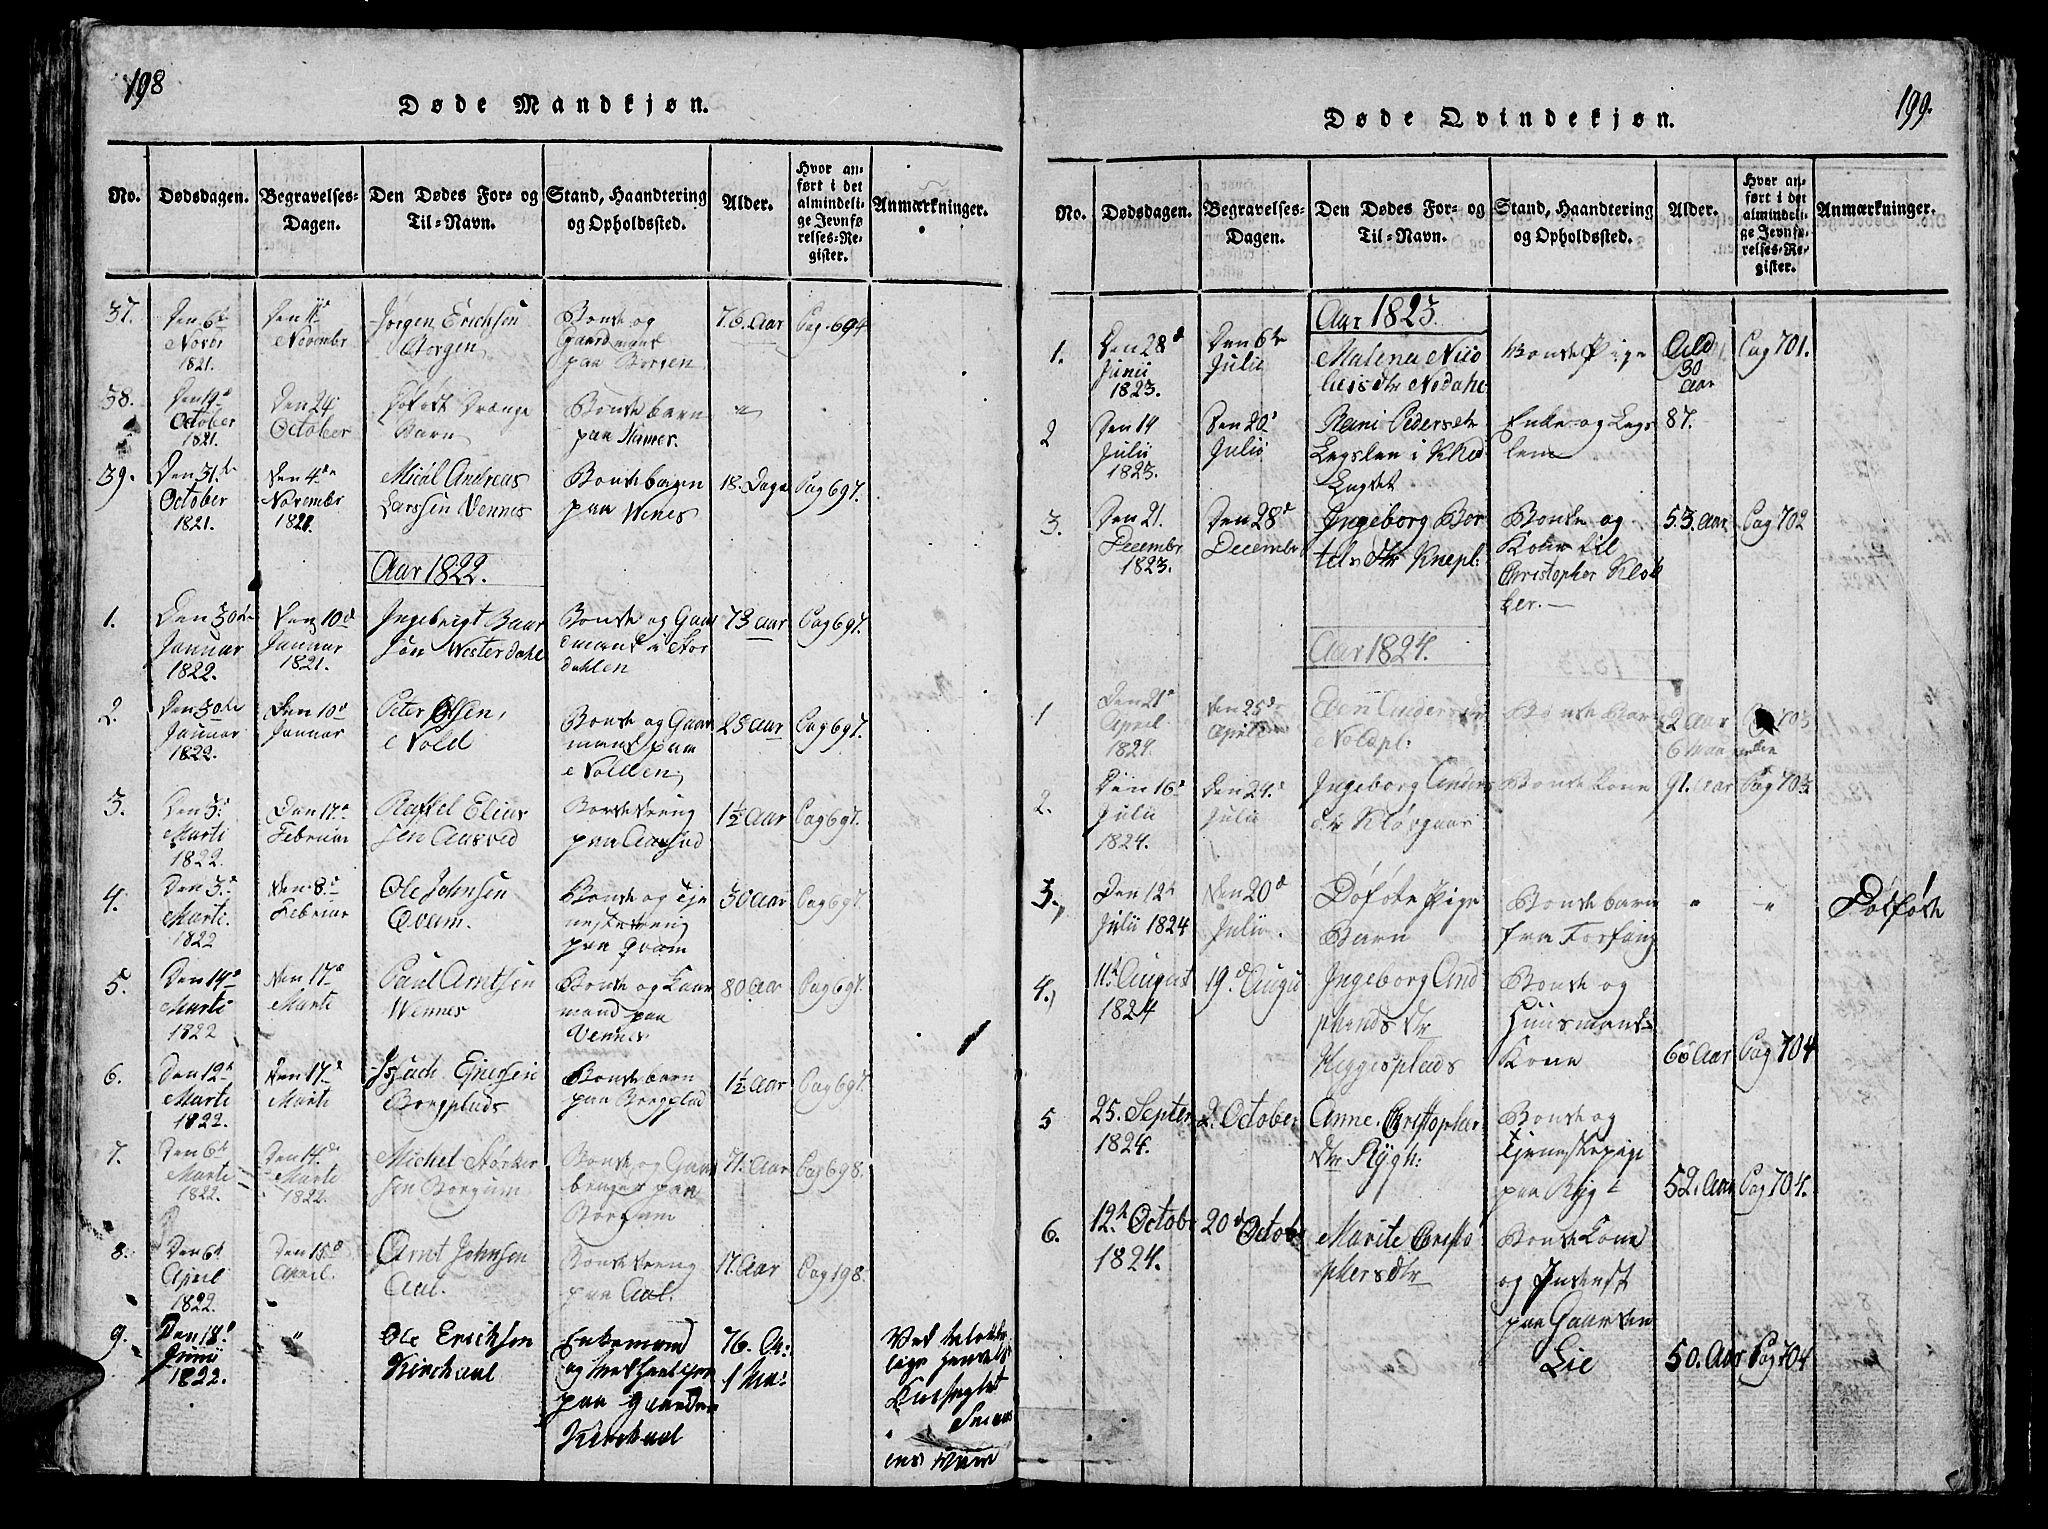 SAT, Ministerialprotokoller, klokkerbøker og fødselsregistre - Nord-Trøndelag, 747/L0459: Klokkerbok nr. 747C01, 1816-1842, s. 198-199